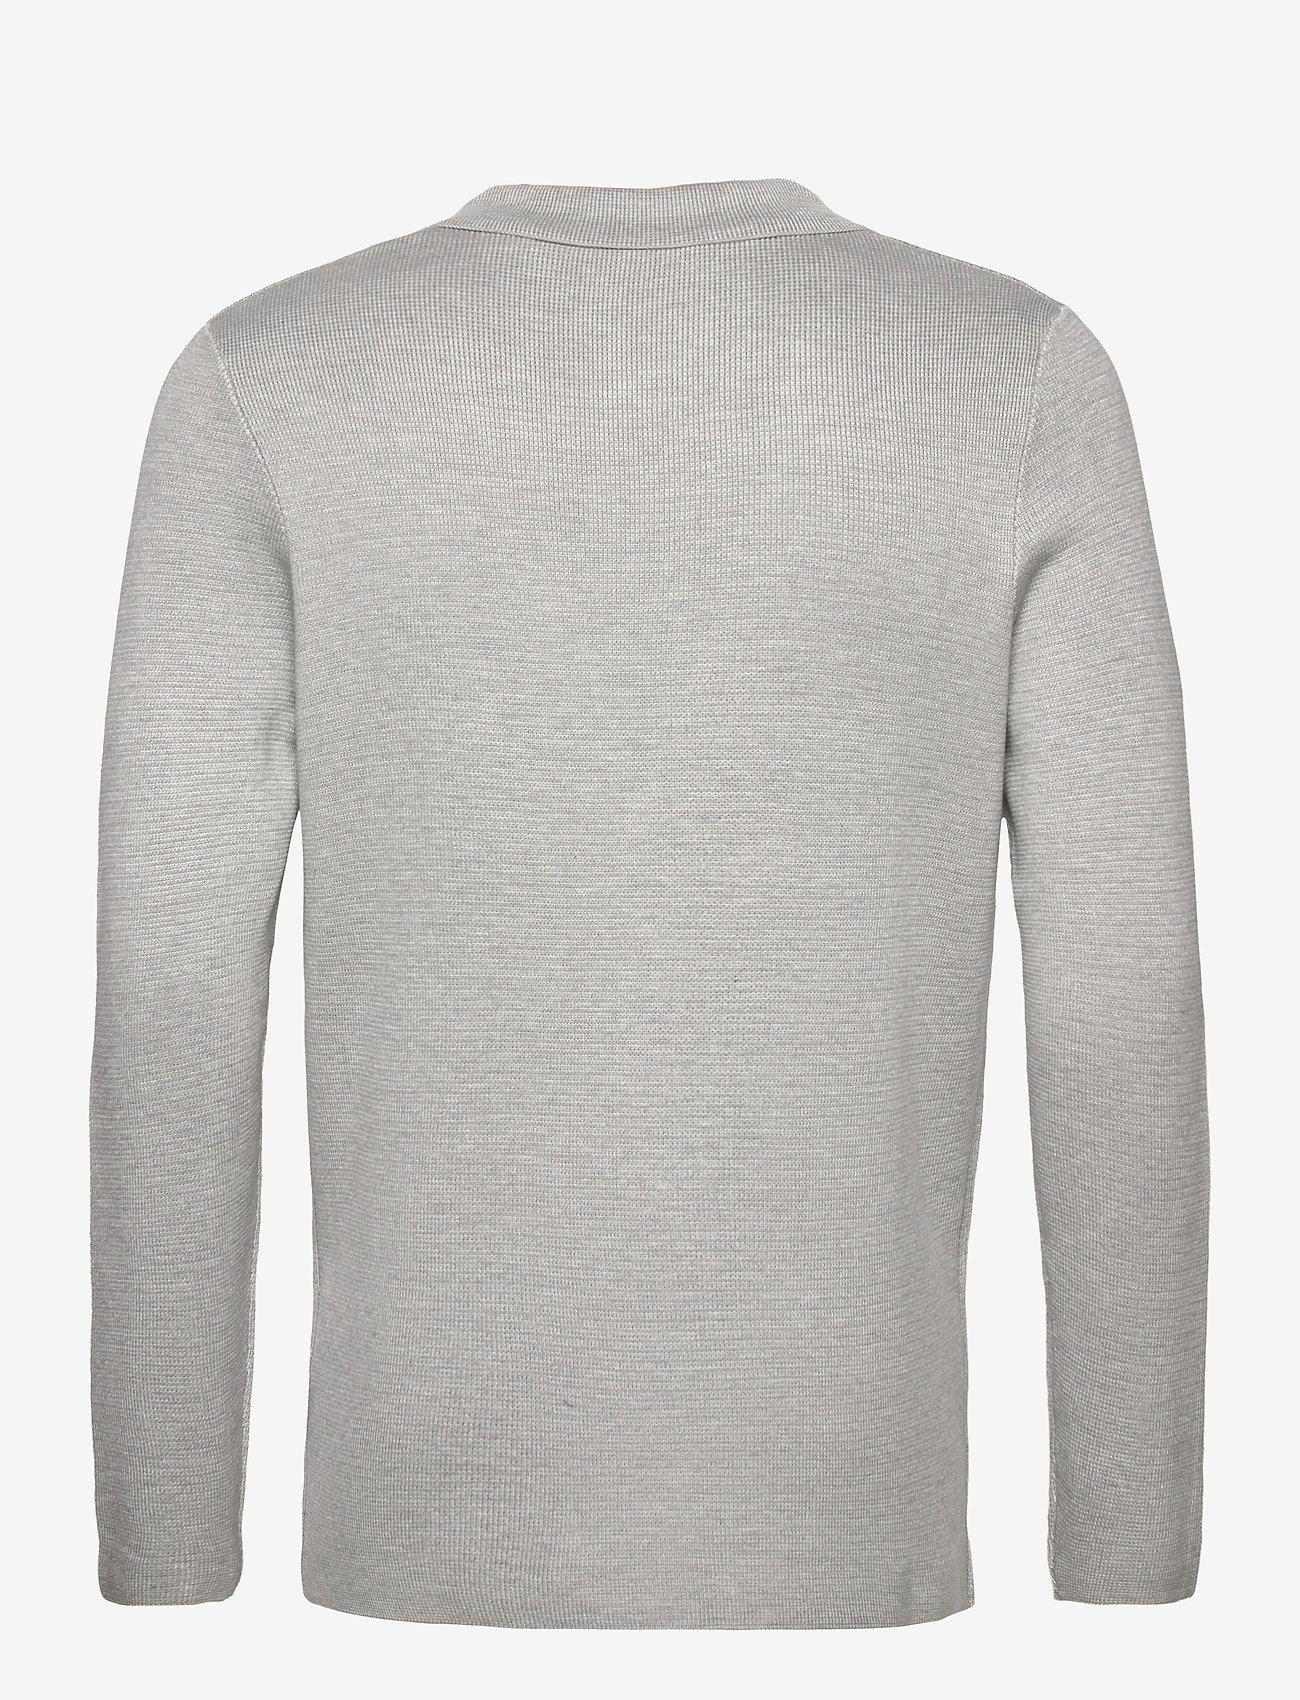 Tom Tailor knitted sakk - Strikkevarer LIGHT STONE GREY MELANGE - Menn Klær